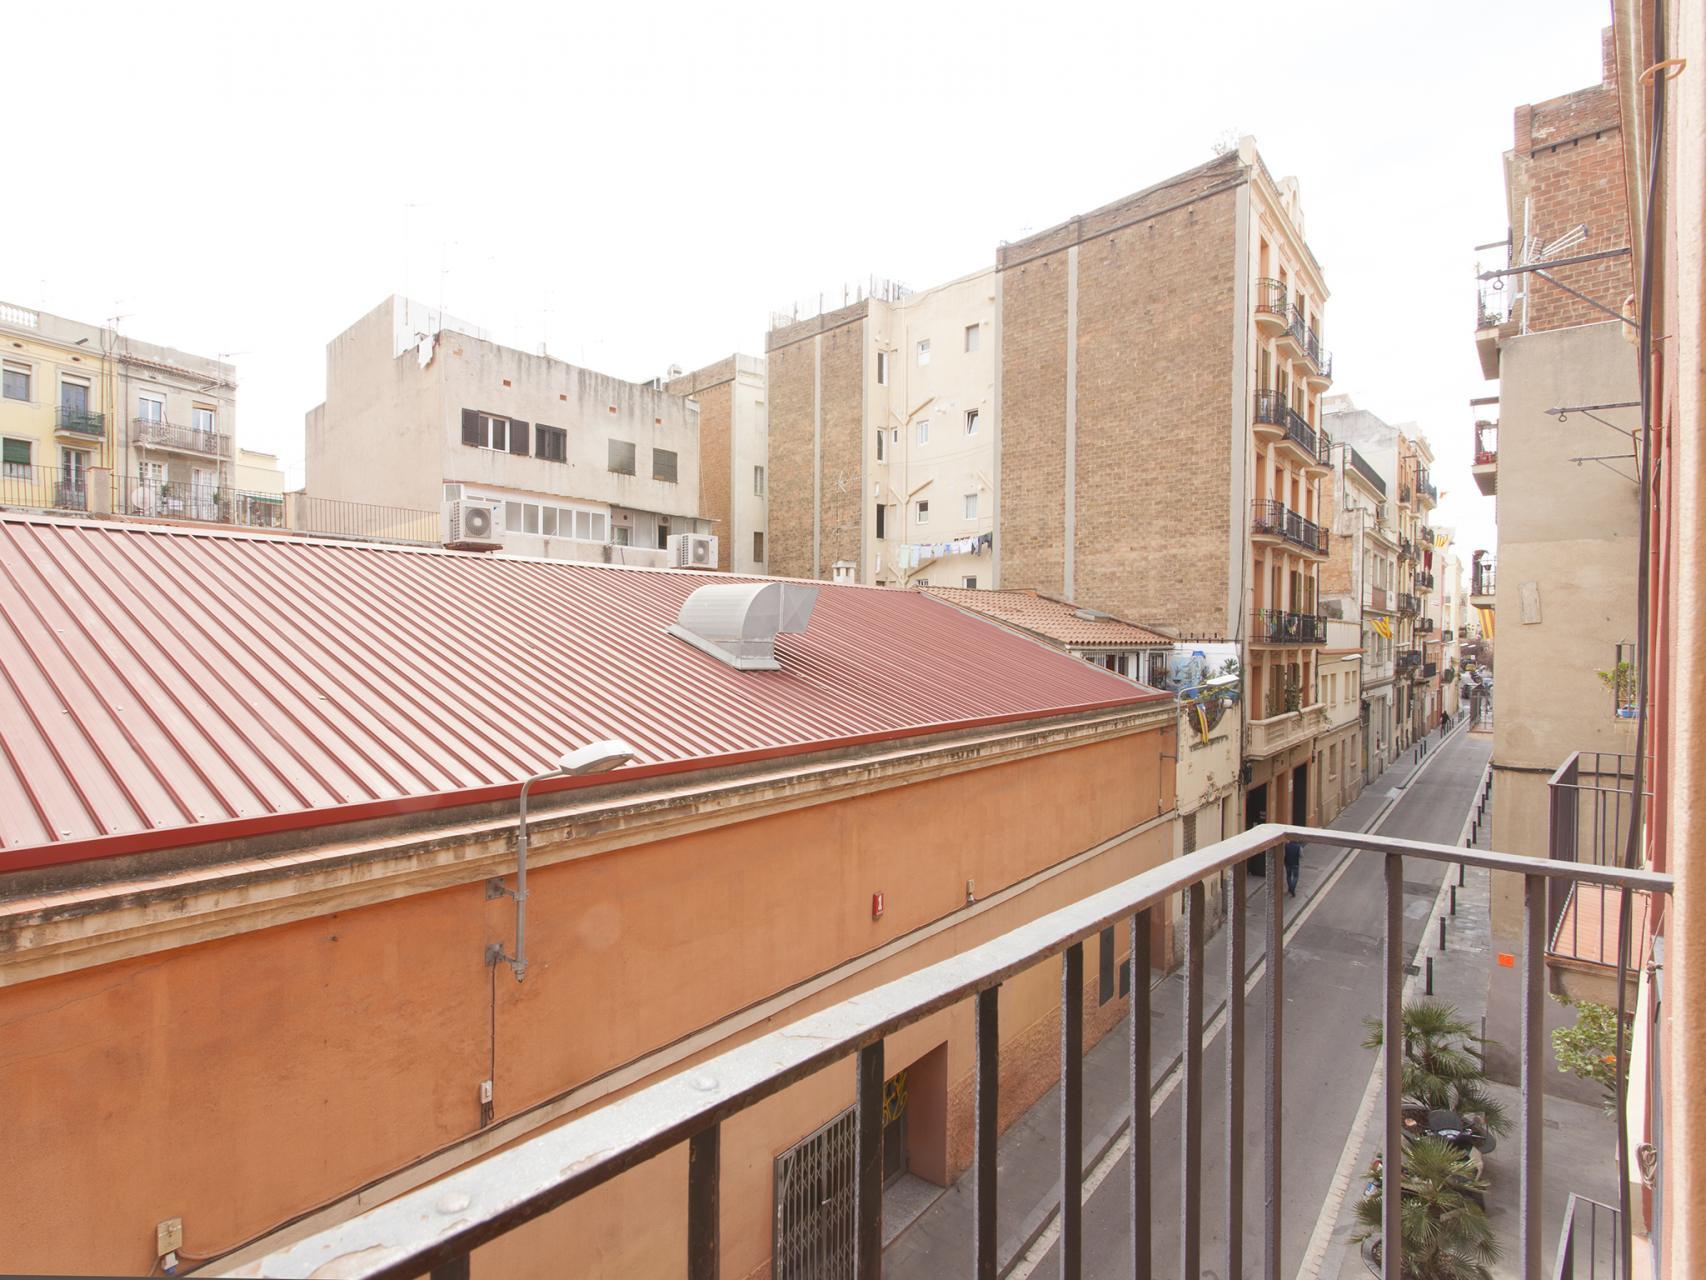 Piso en alojamientos tur sticos barcelona gr cia igualada - Pisos turisticos barcelona ...